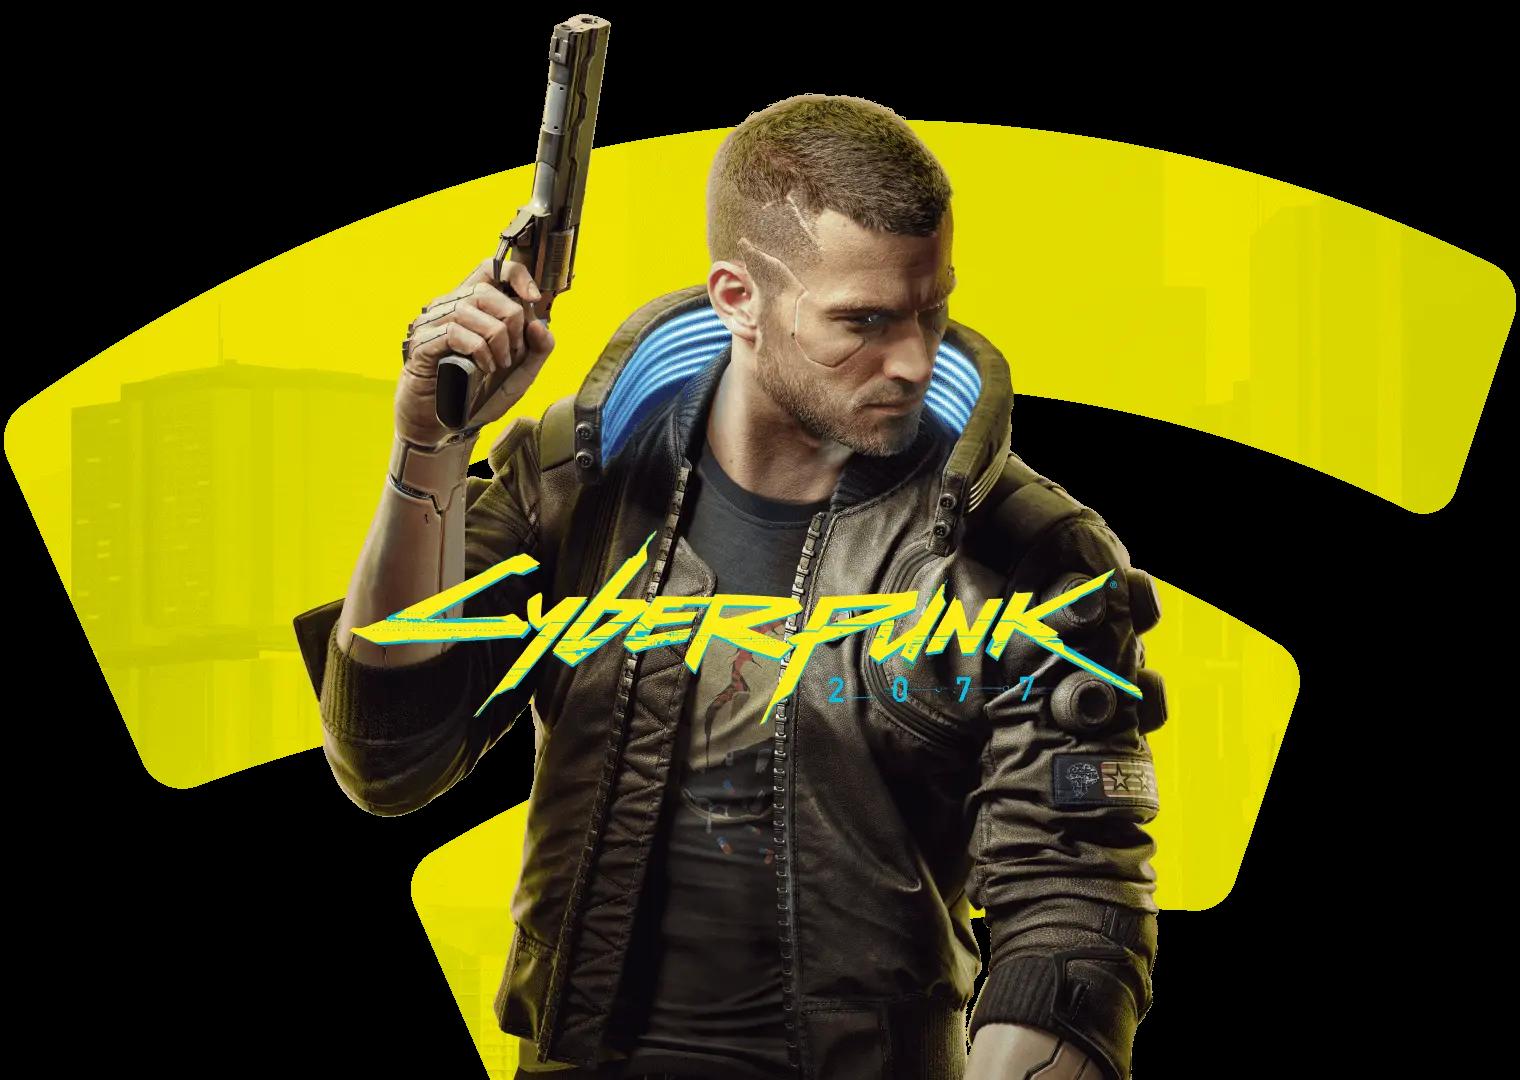 La Premiere Edition di Stadia è in regalo anche per chi acquista Cyberpunk 2077, ma è un'offerta limitata